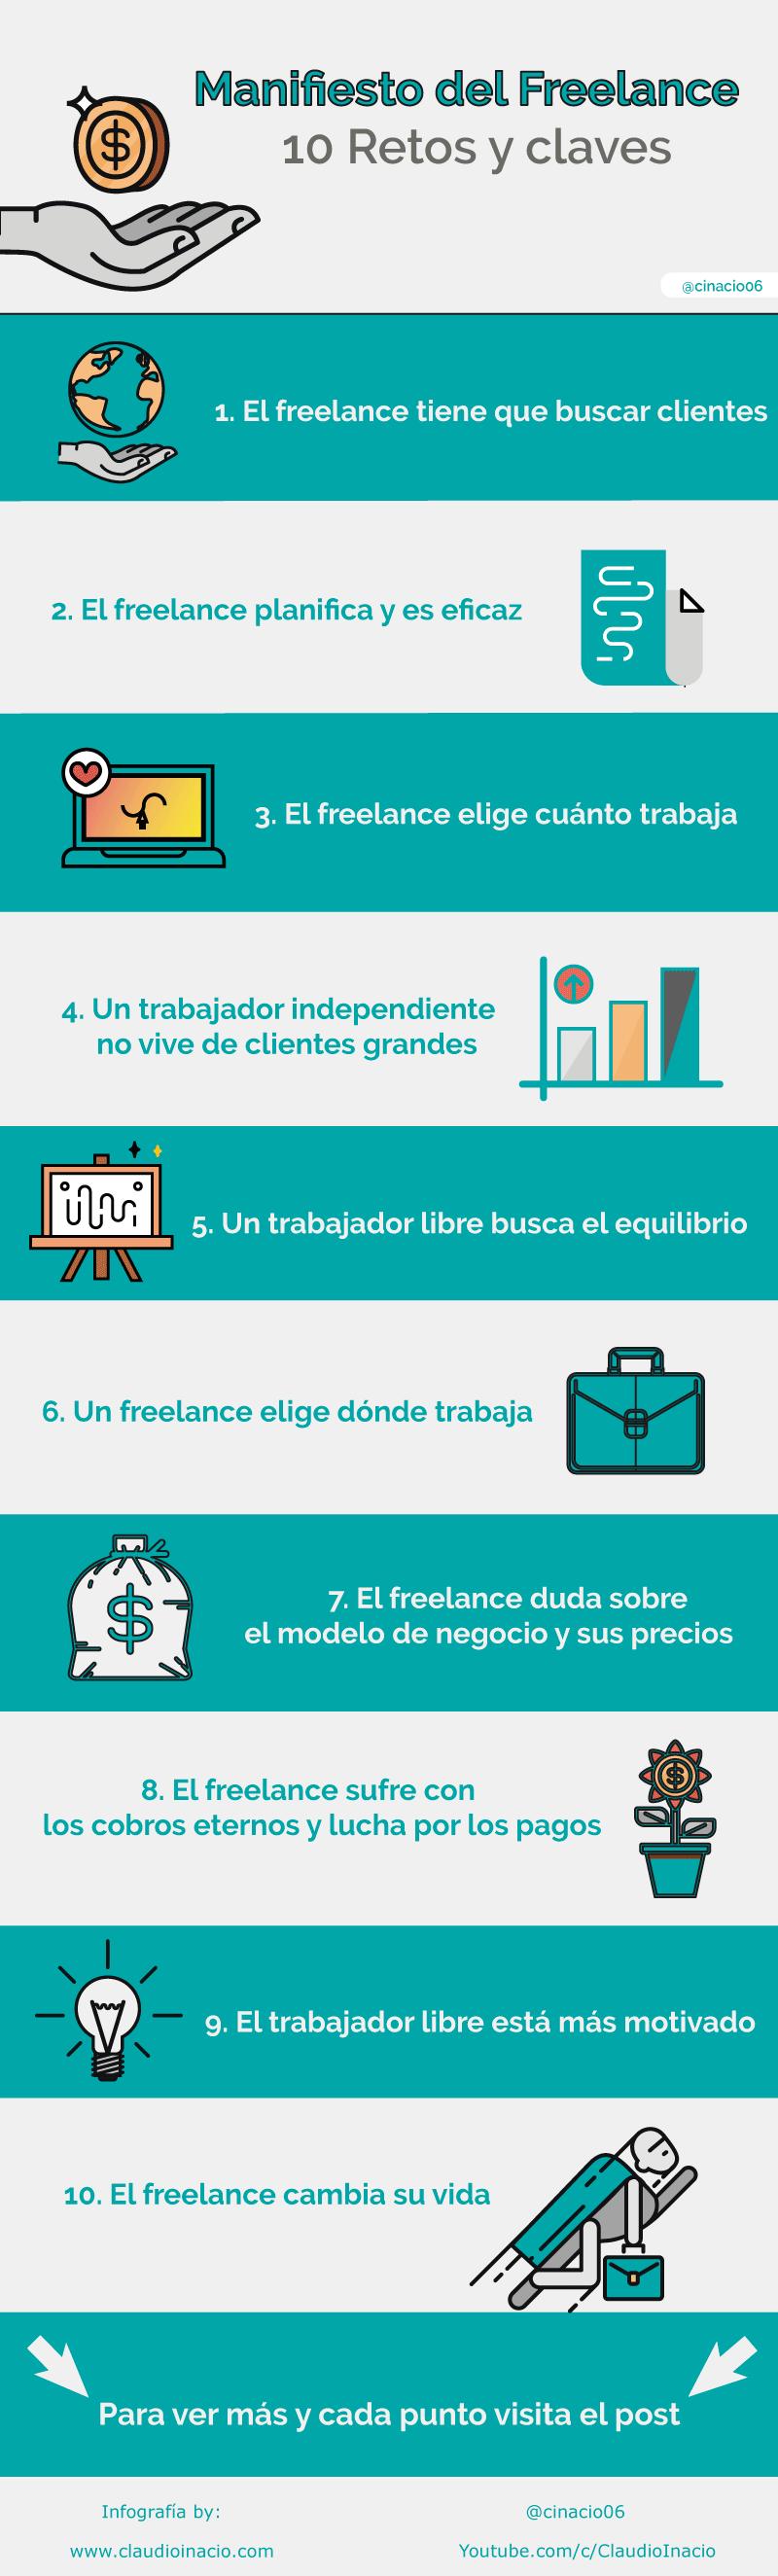 Infografia con 10 claves del Manifiesto del Freelance